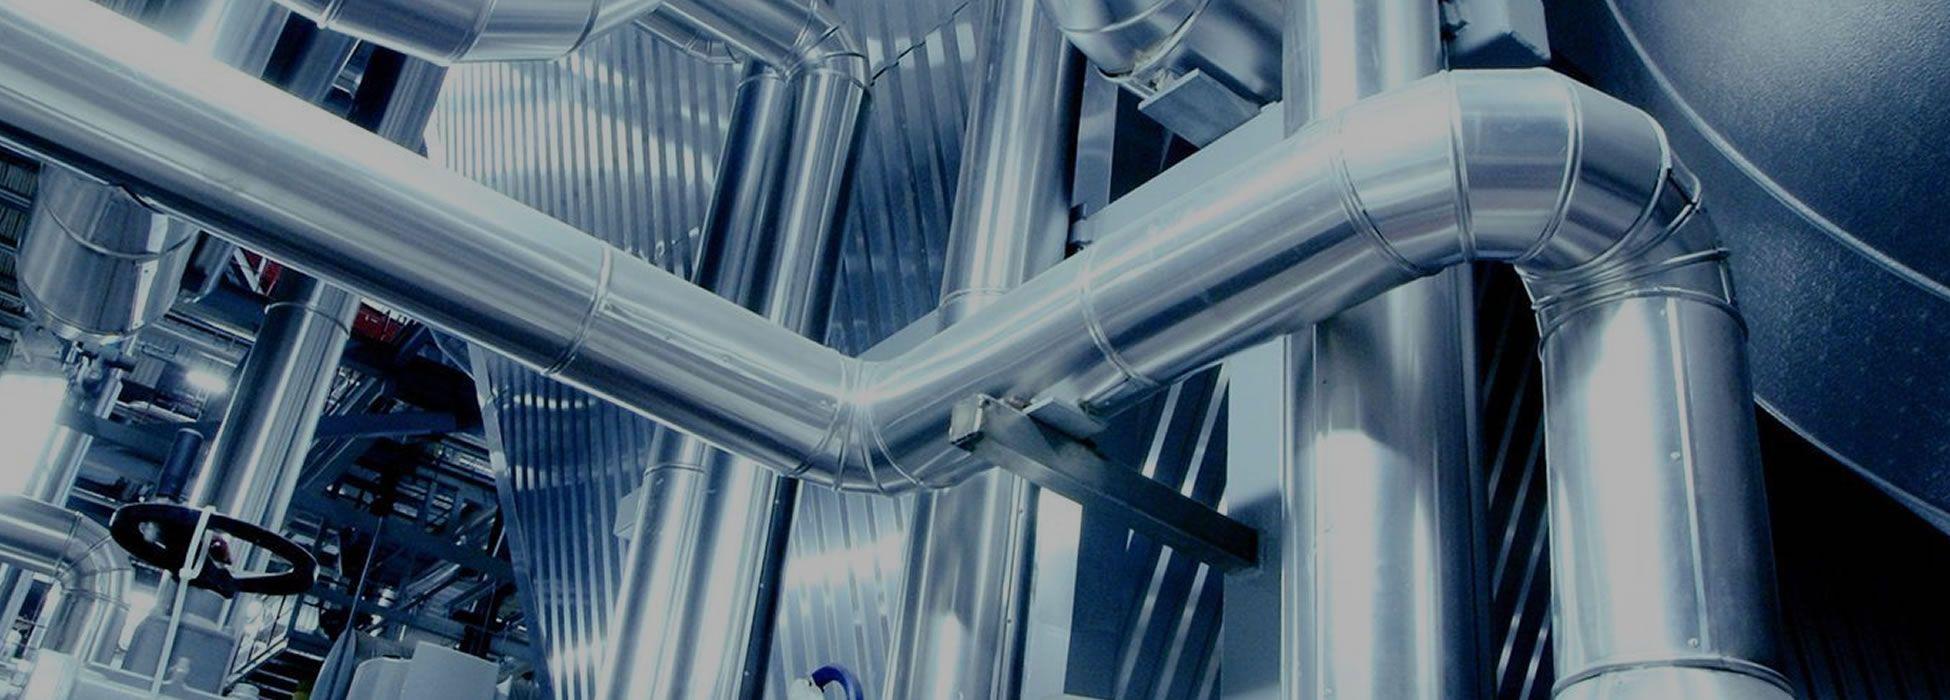 Portfolio cabecera ingeniería instalación mecánica